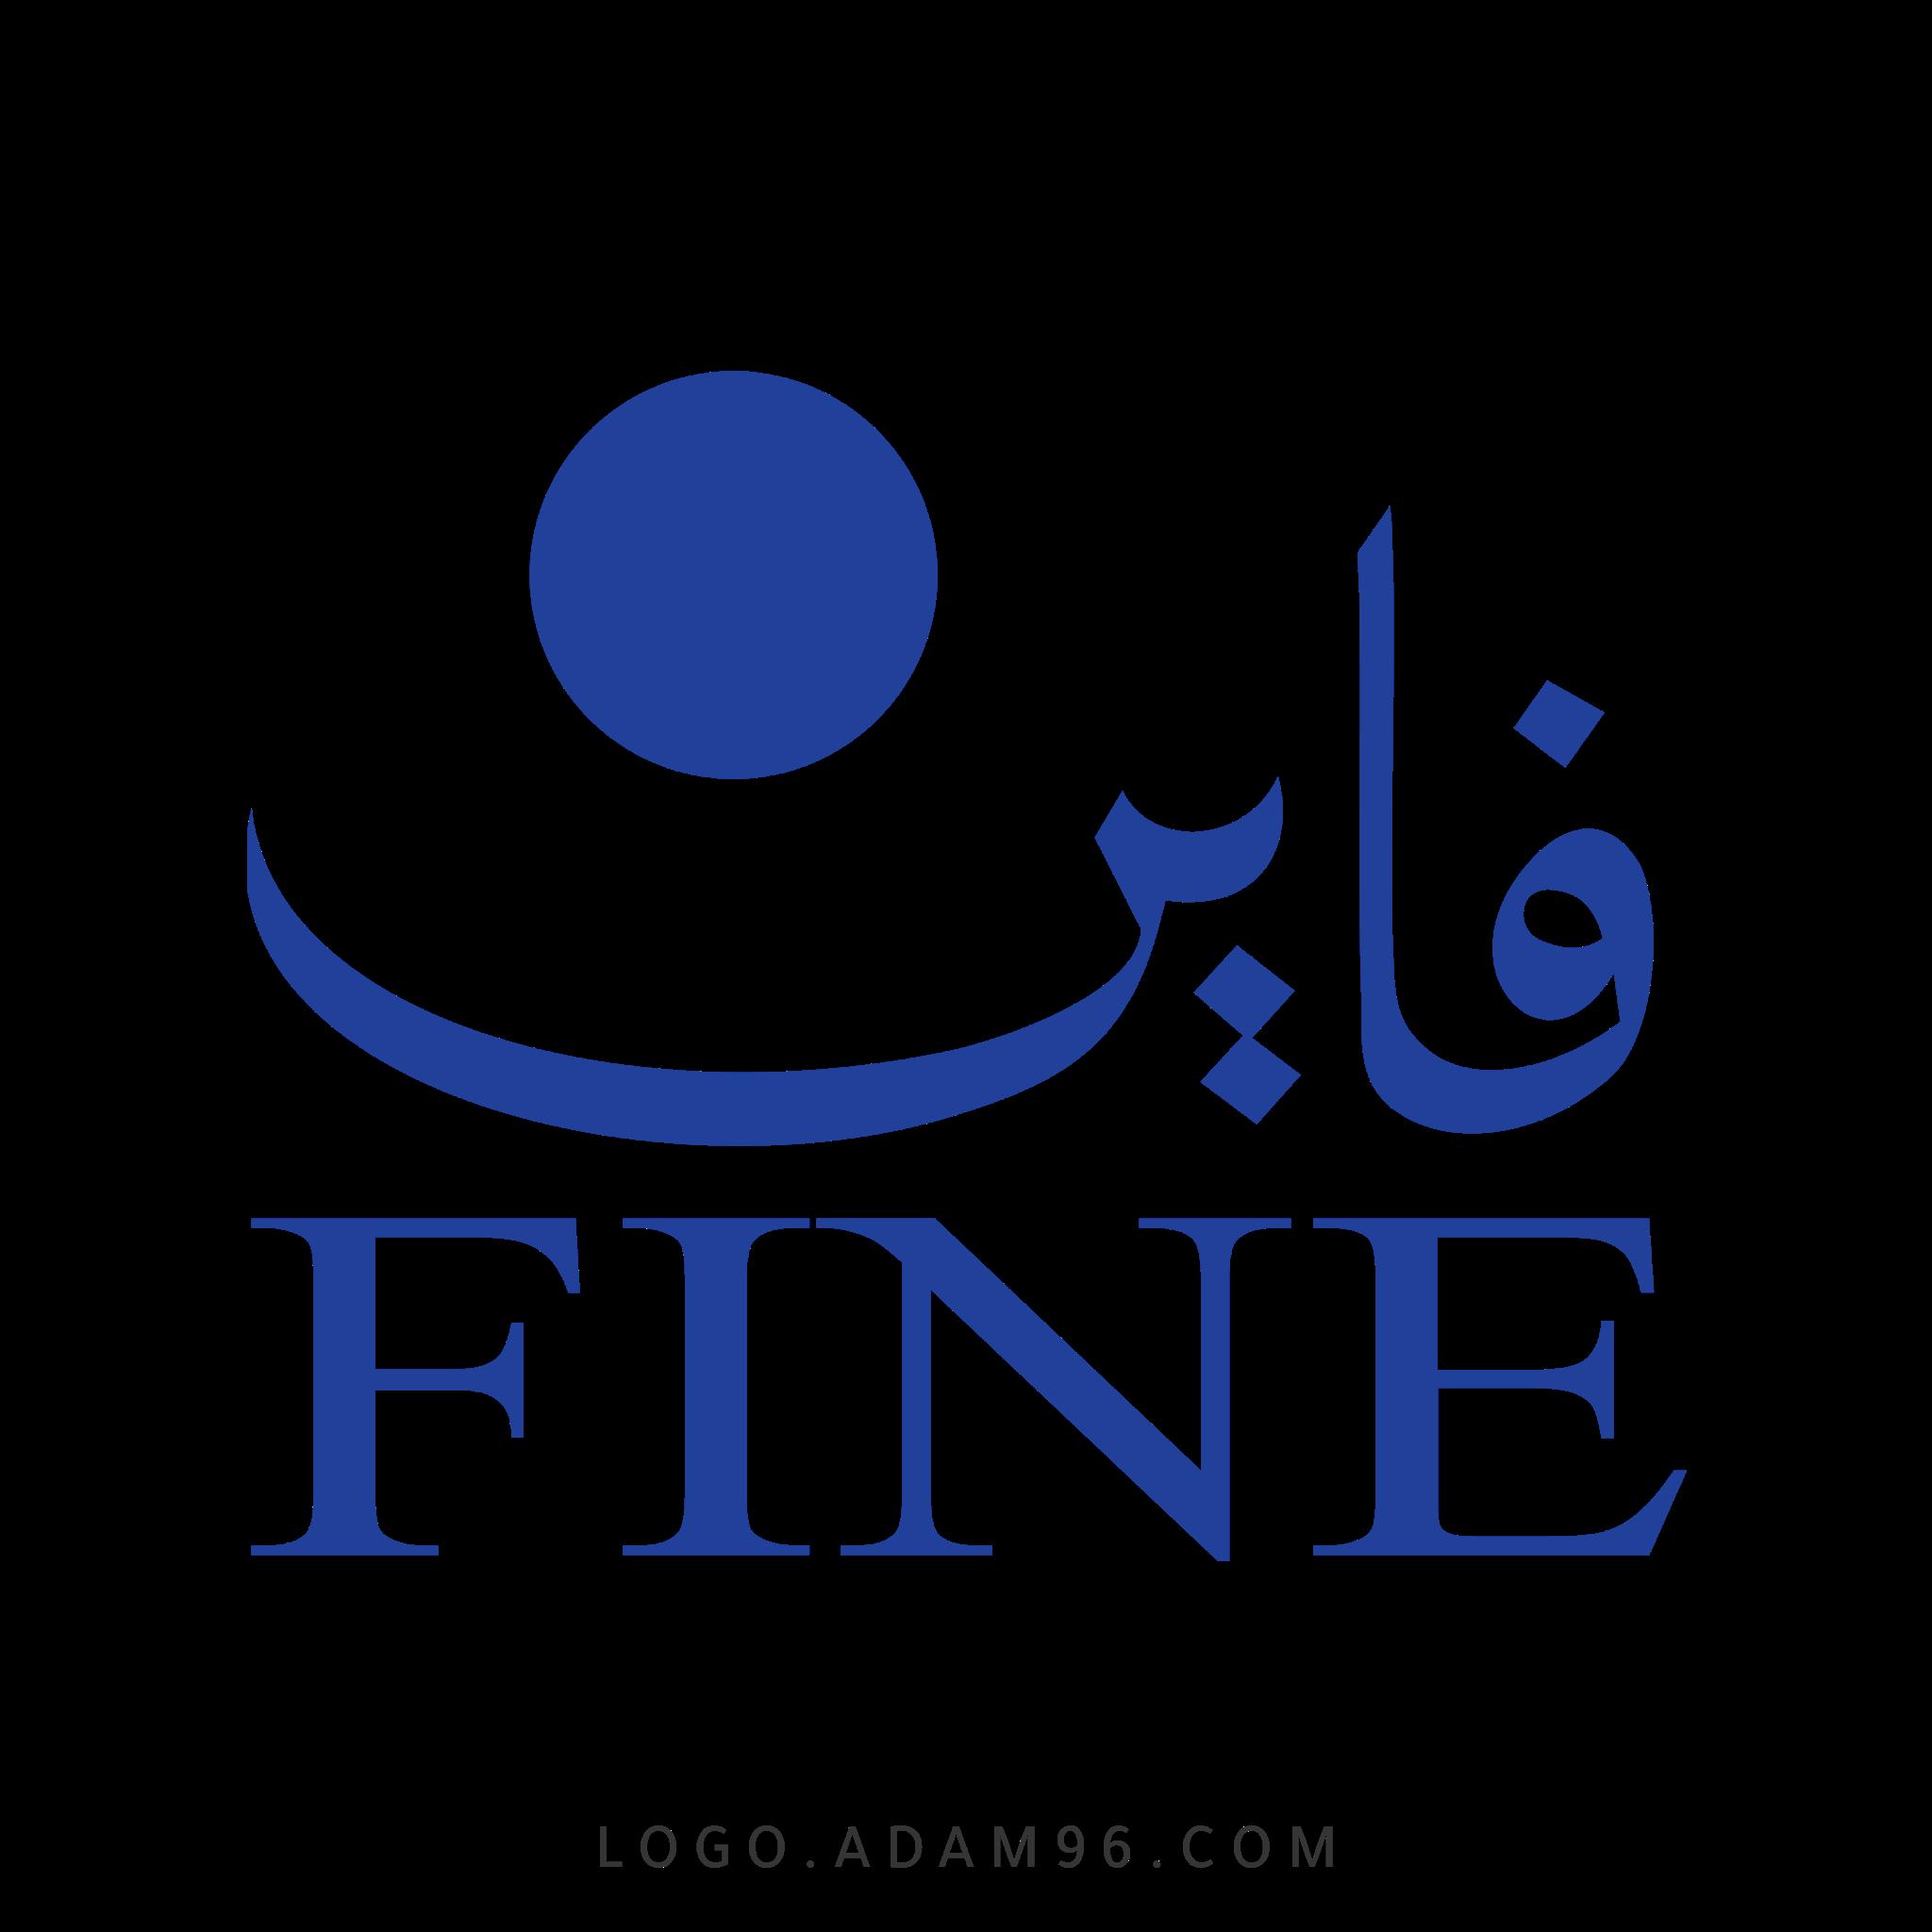 تحميل شعار شركة تصنيع المنديل الورقية فاين عالي الجودة PNG